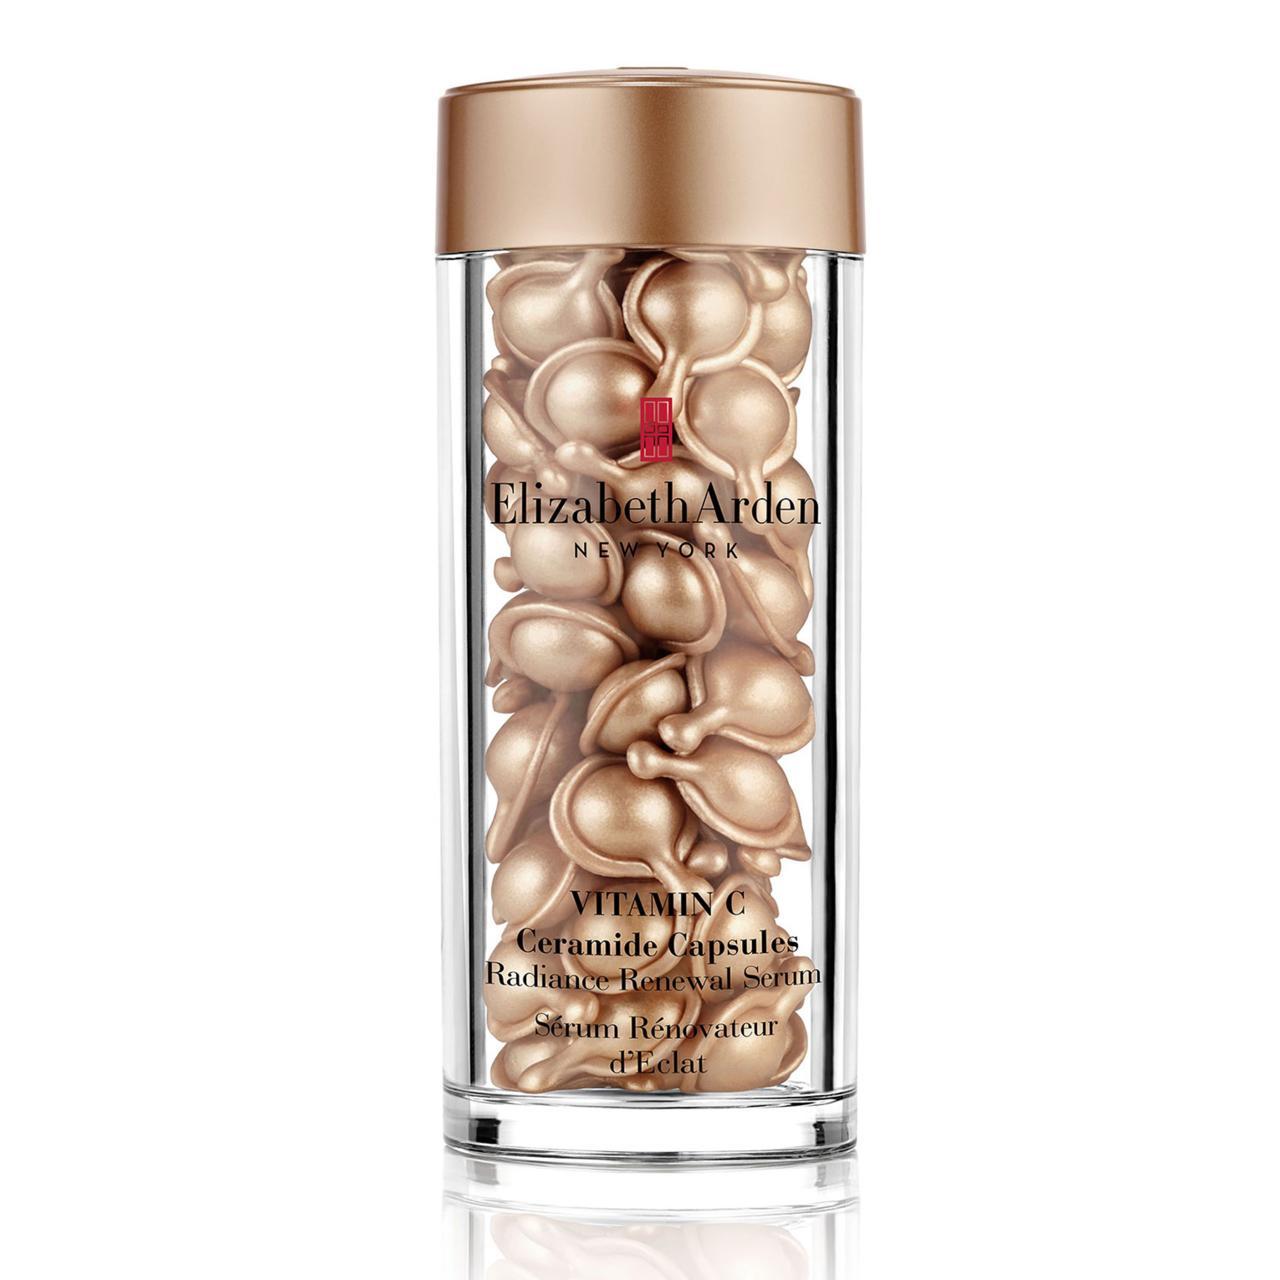 Elizabeth Arden Vitamin C Ceramide Capsules, 6.299 kr.